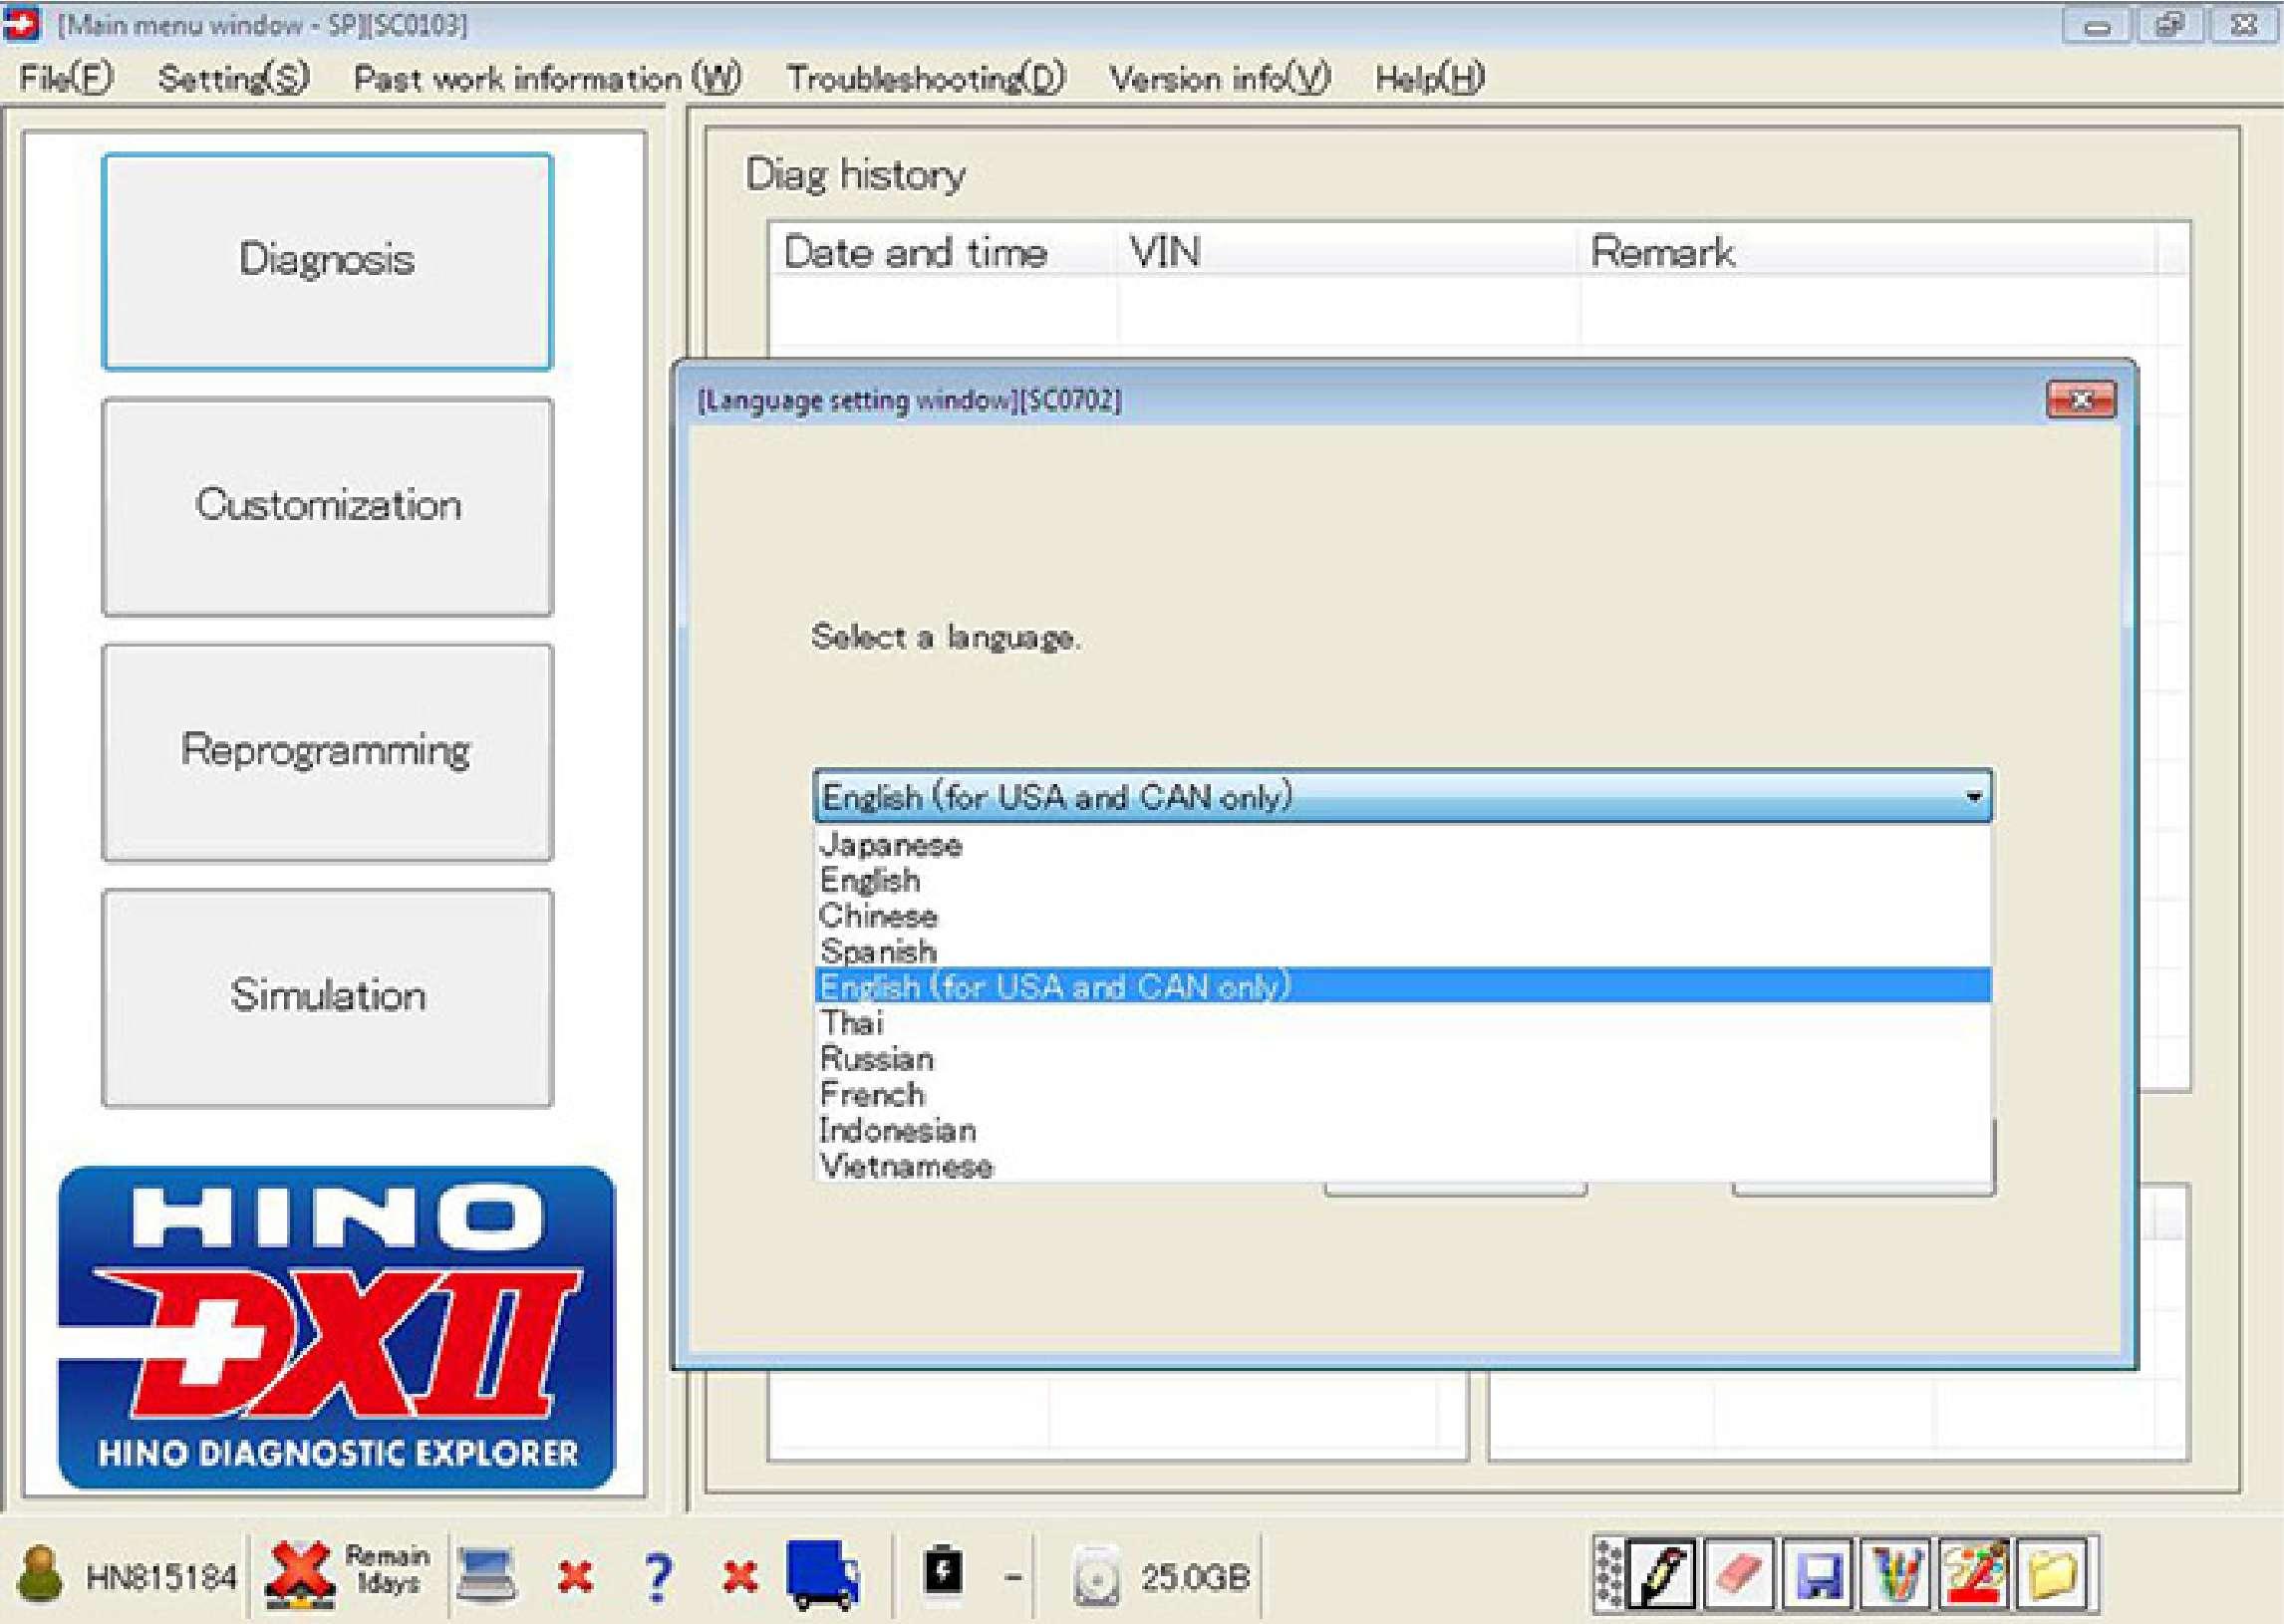 Hino Diagnostic eXplorer 2 DX2 1.1.20.8 2020 SS-01